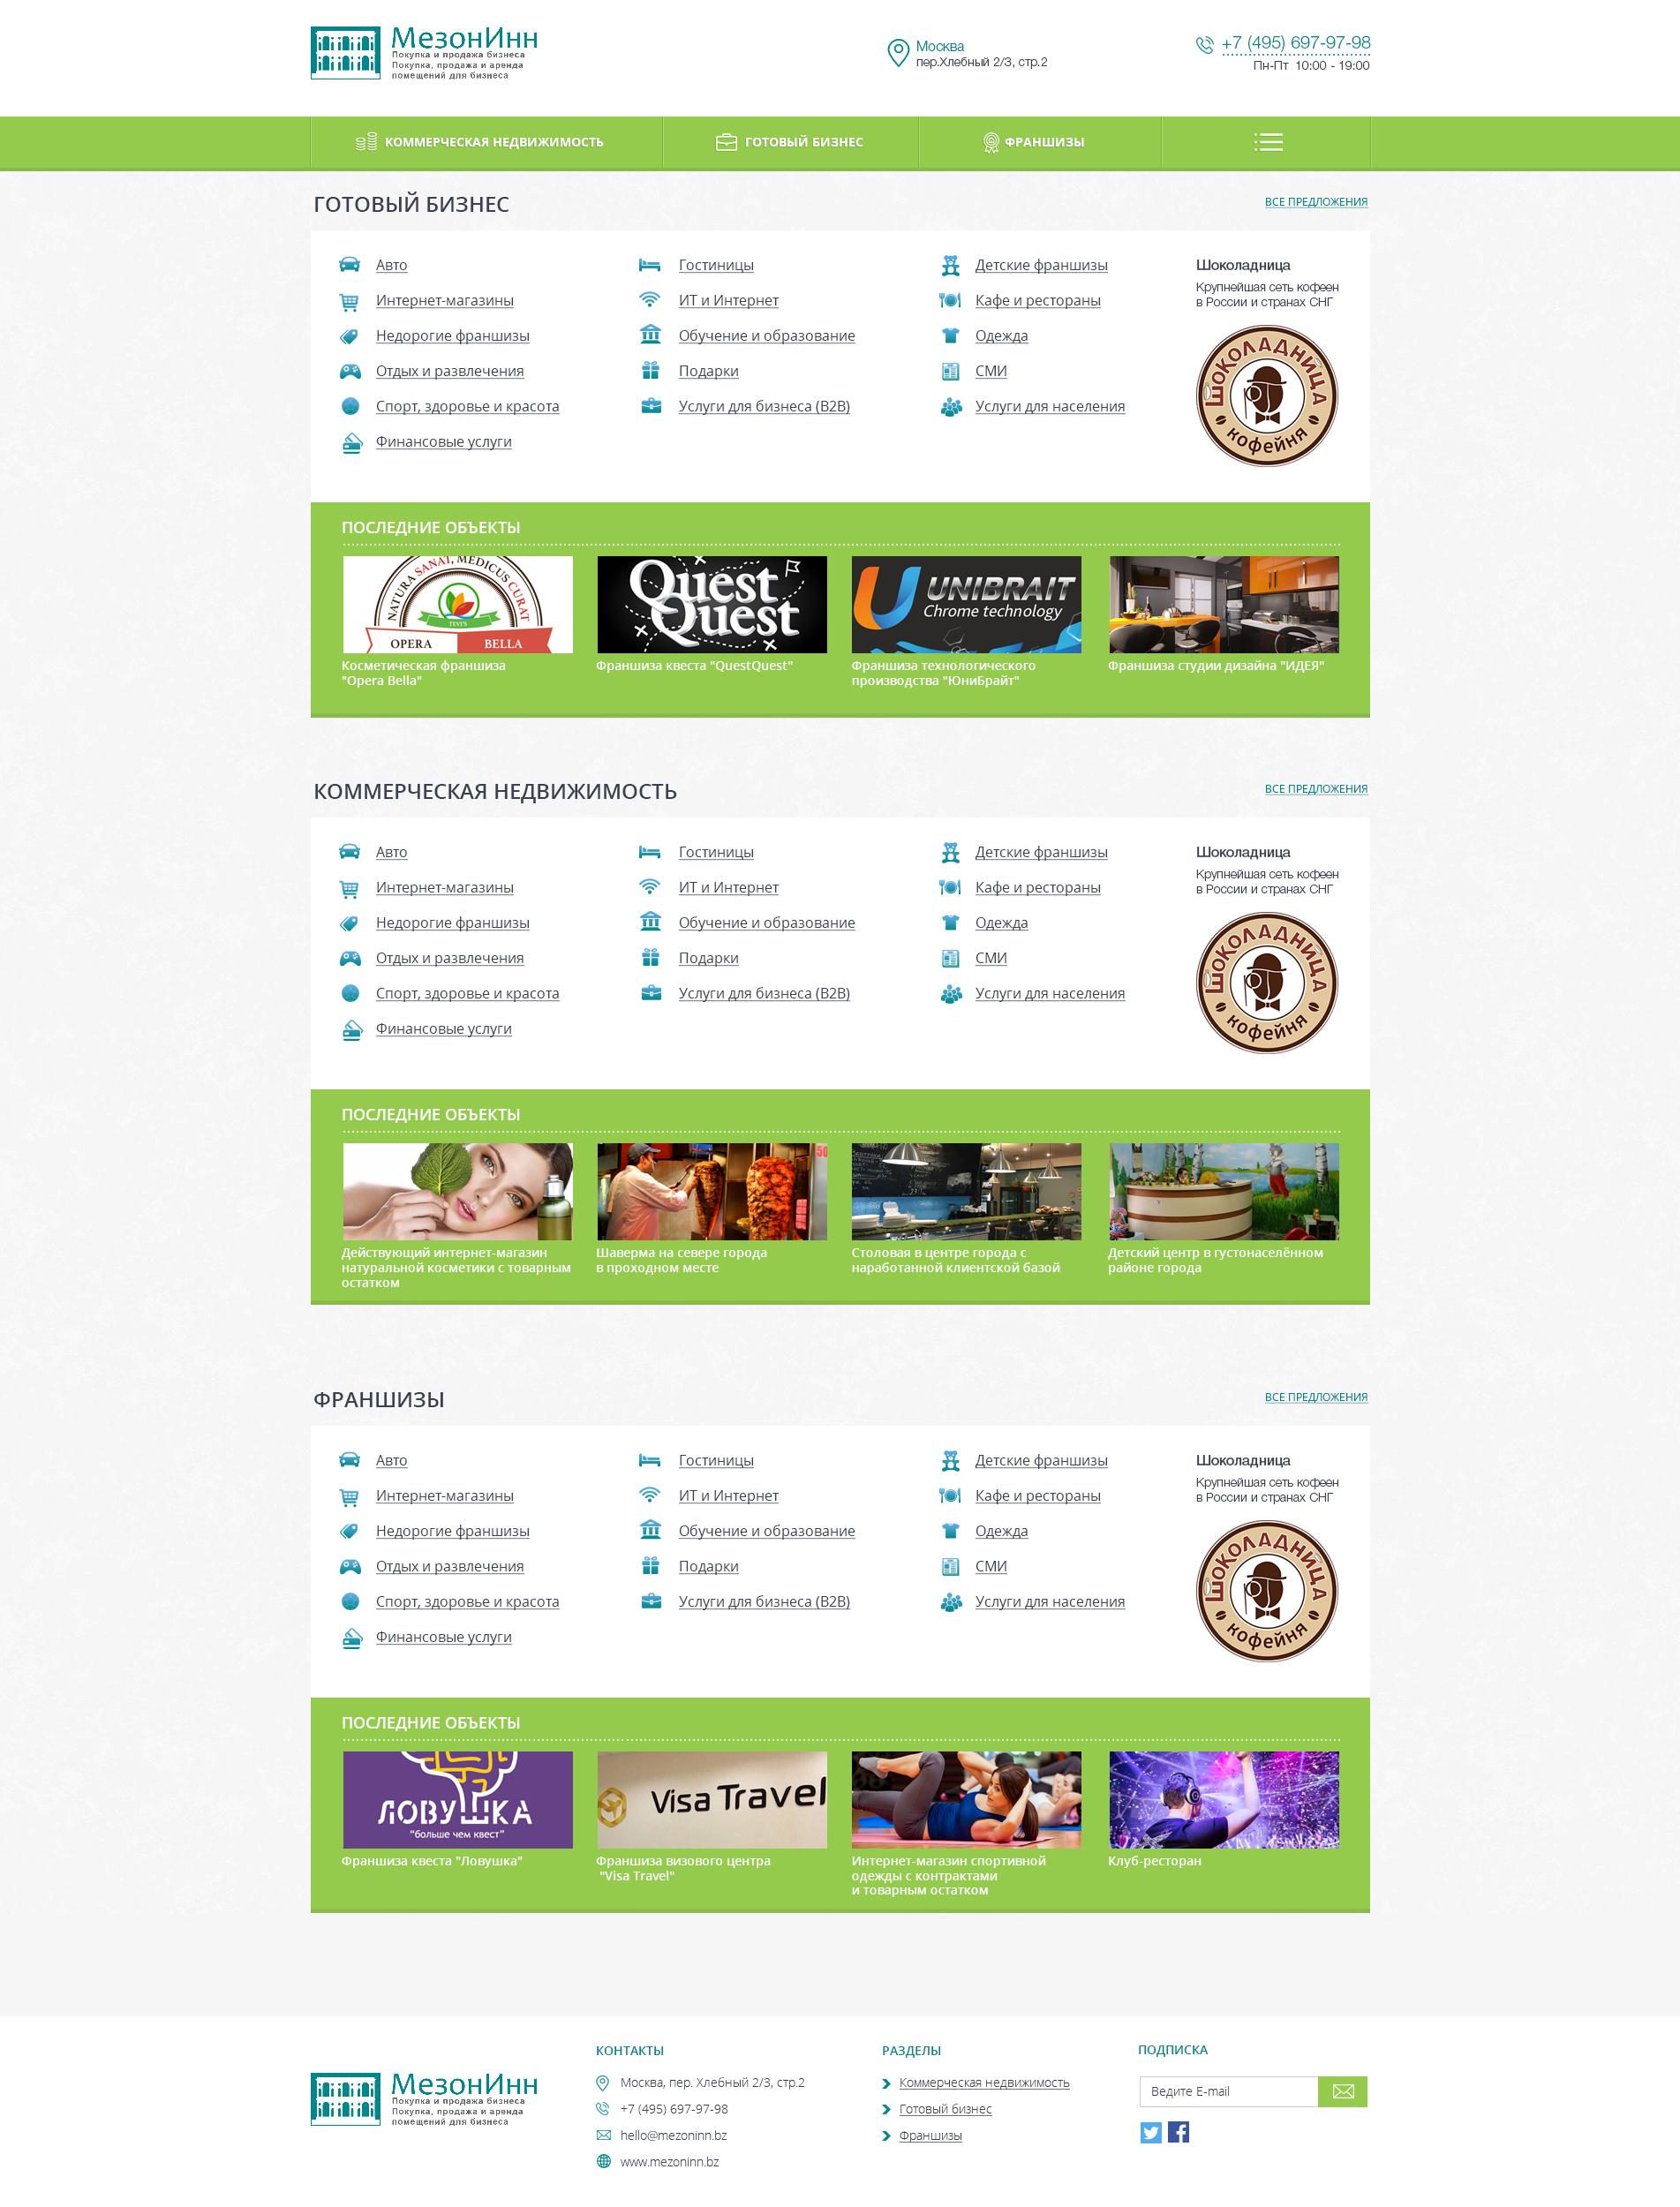 Доработать дизайн главной страницы сайта фото f_003574d65846a096.jpg